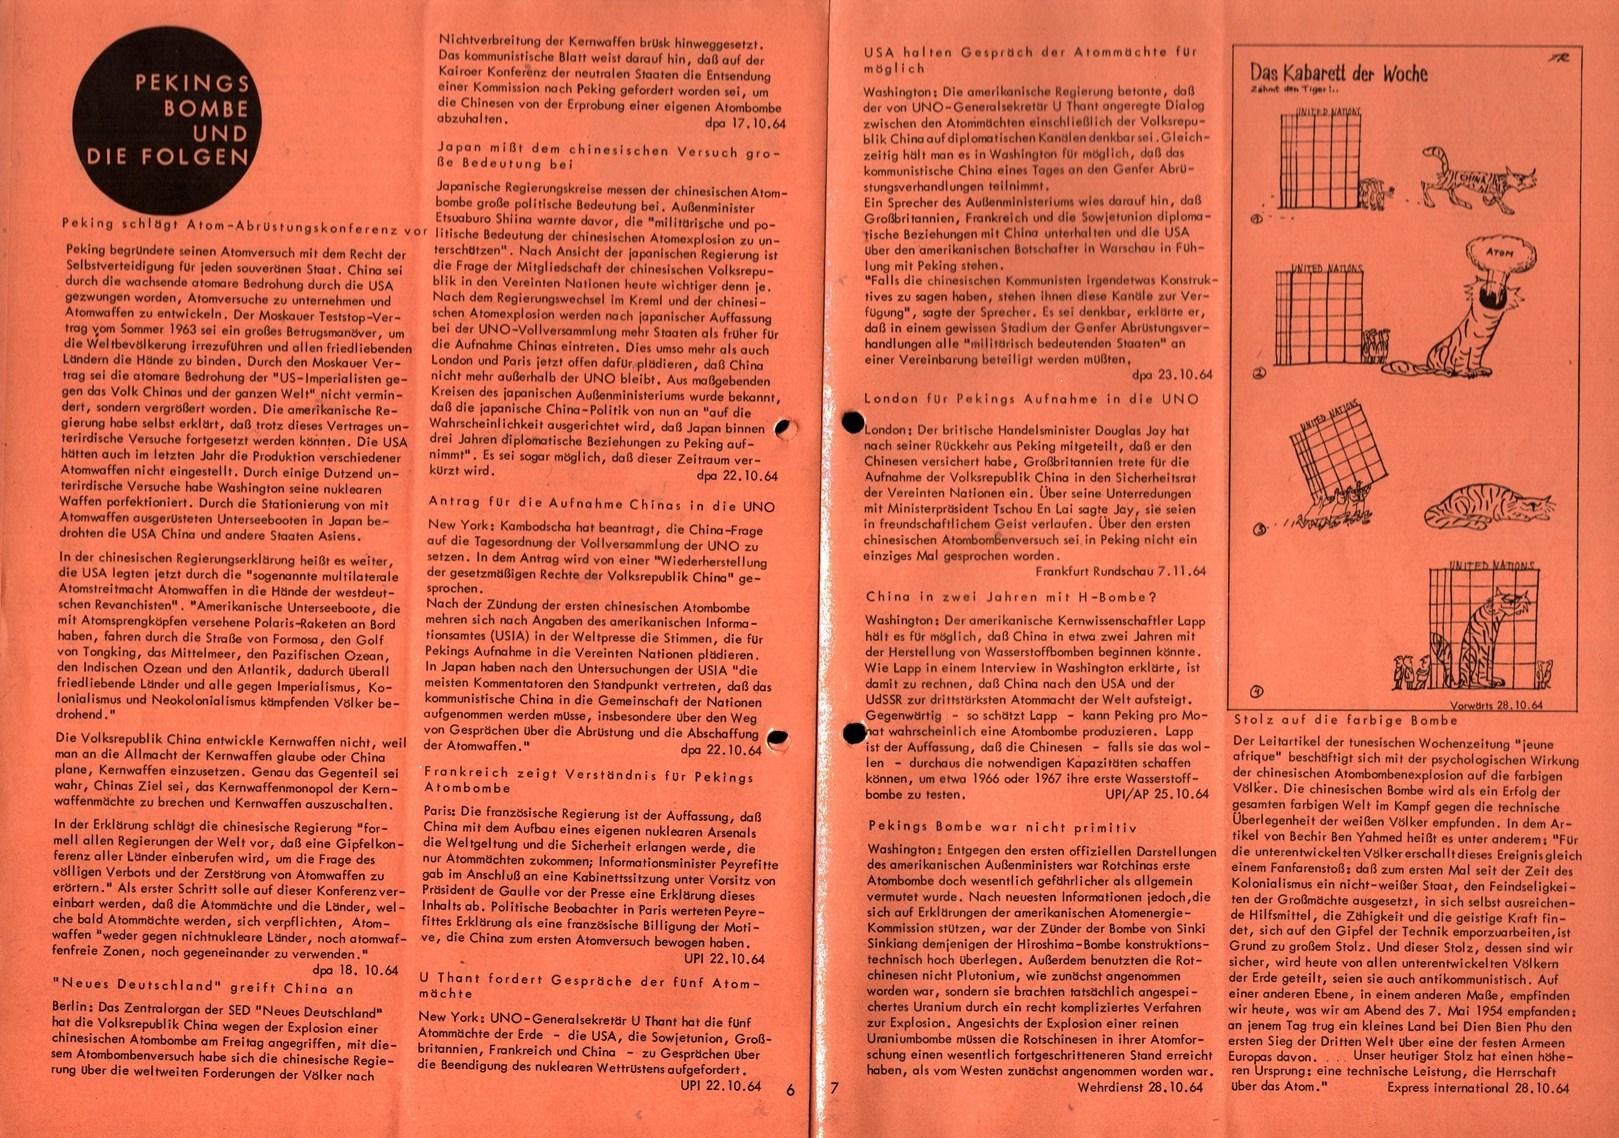 Infos_zur_Abruestung_1964_017_004